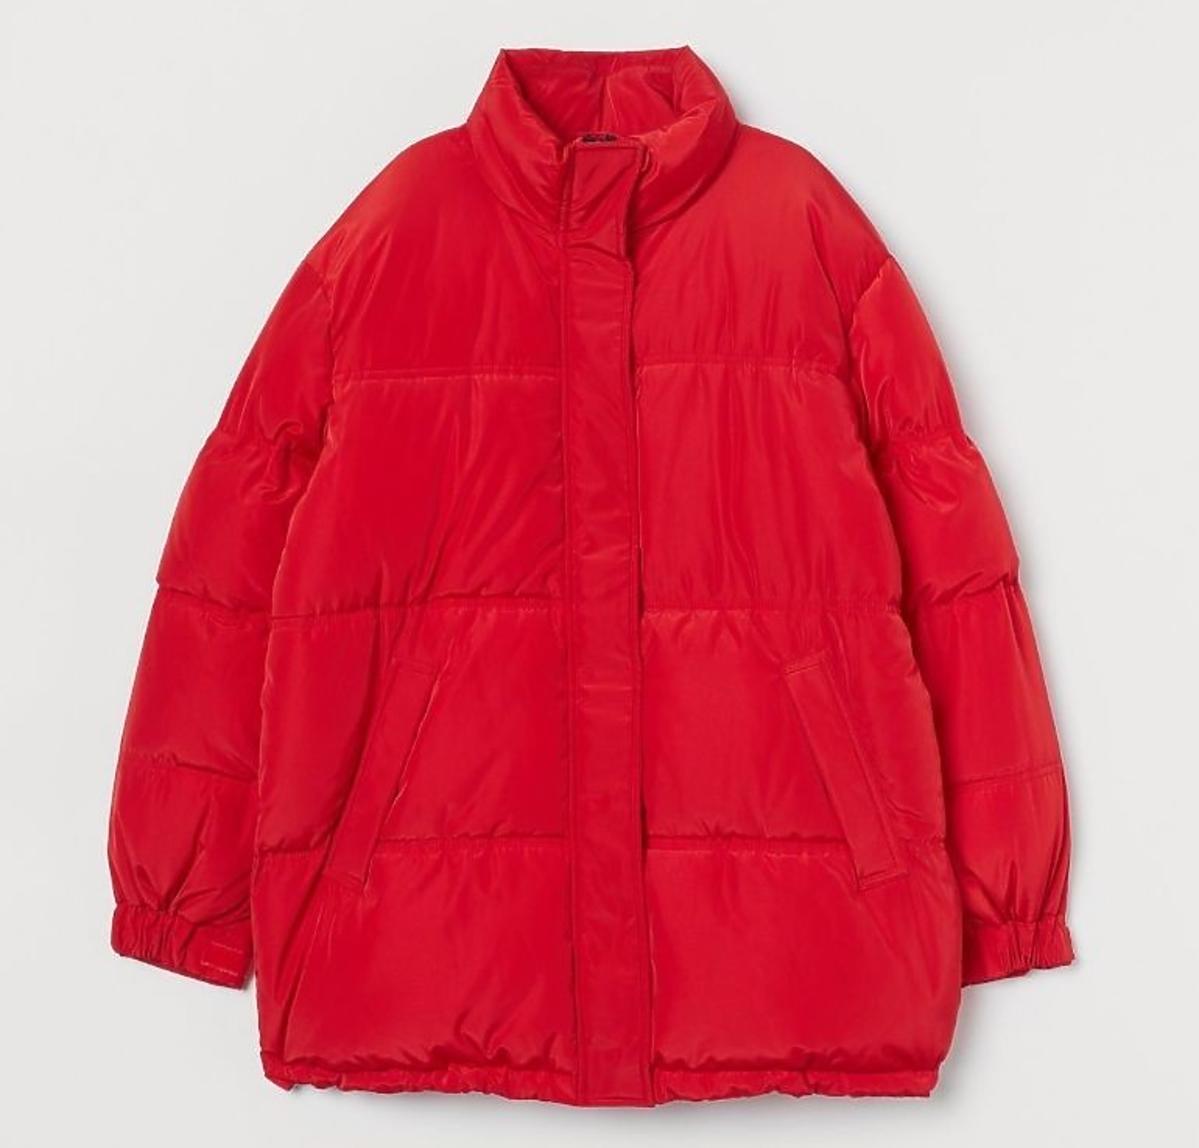 Czerwona pikowana kurtka H&M 79 zł